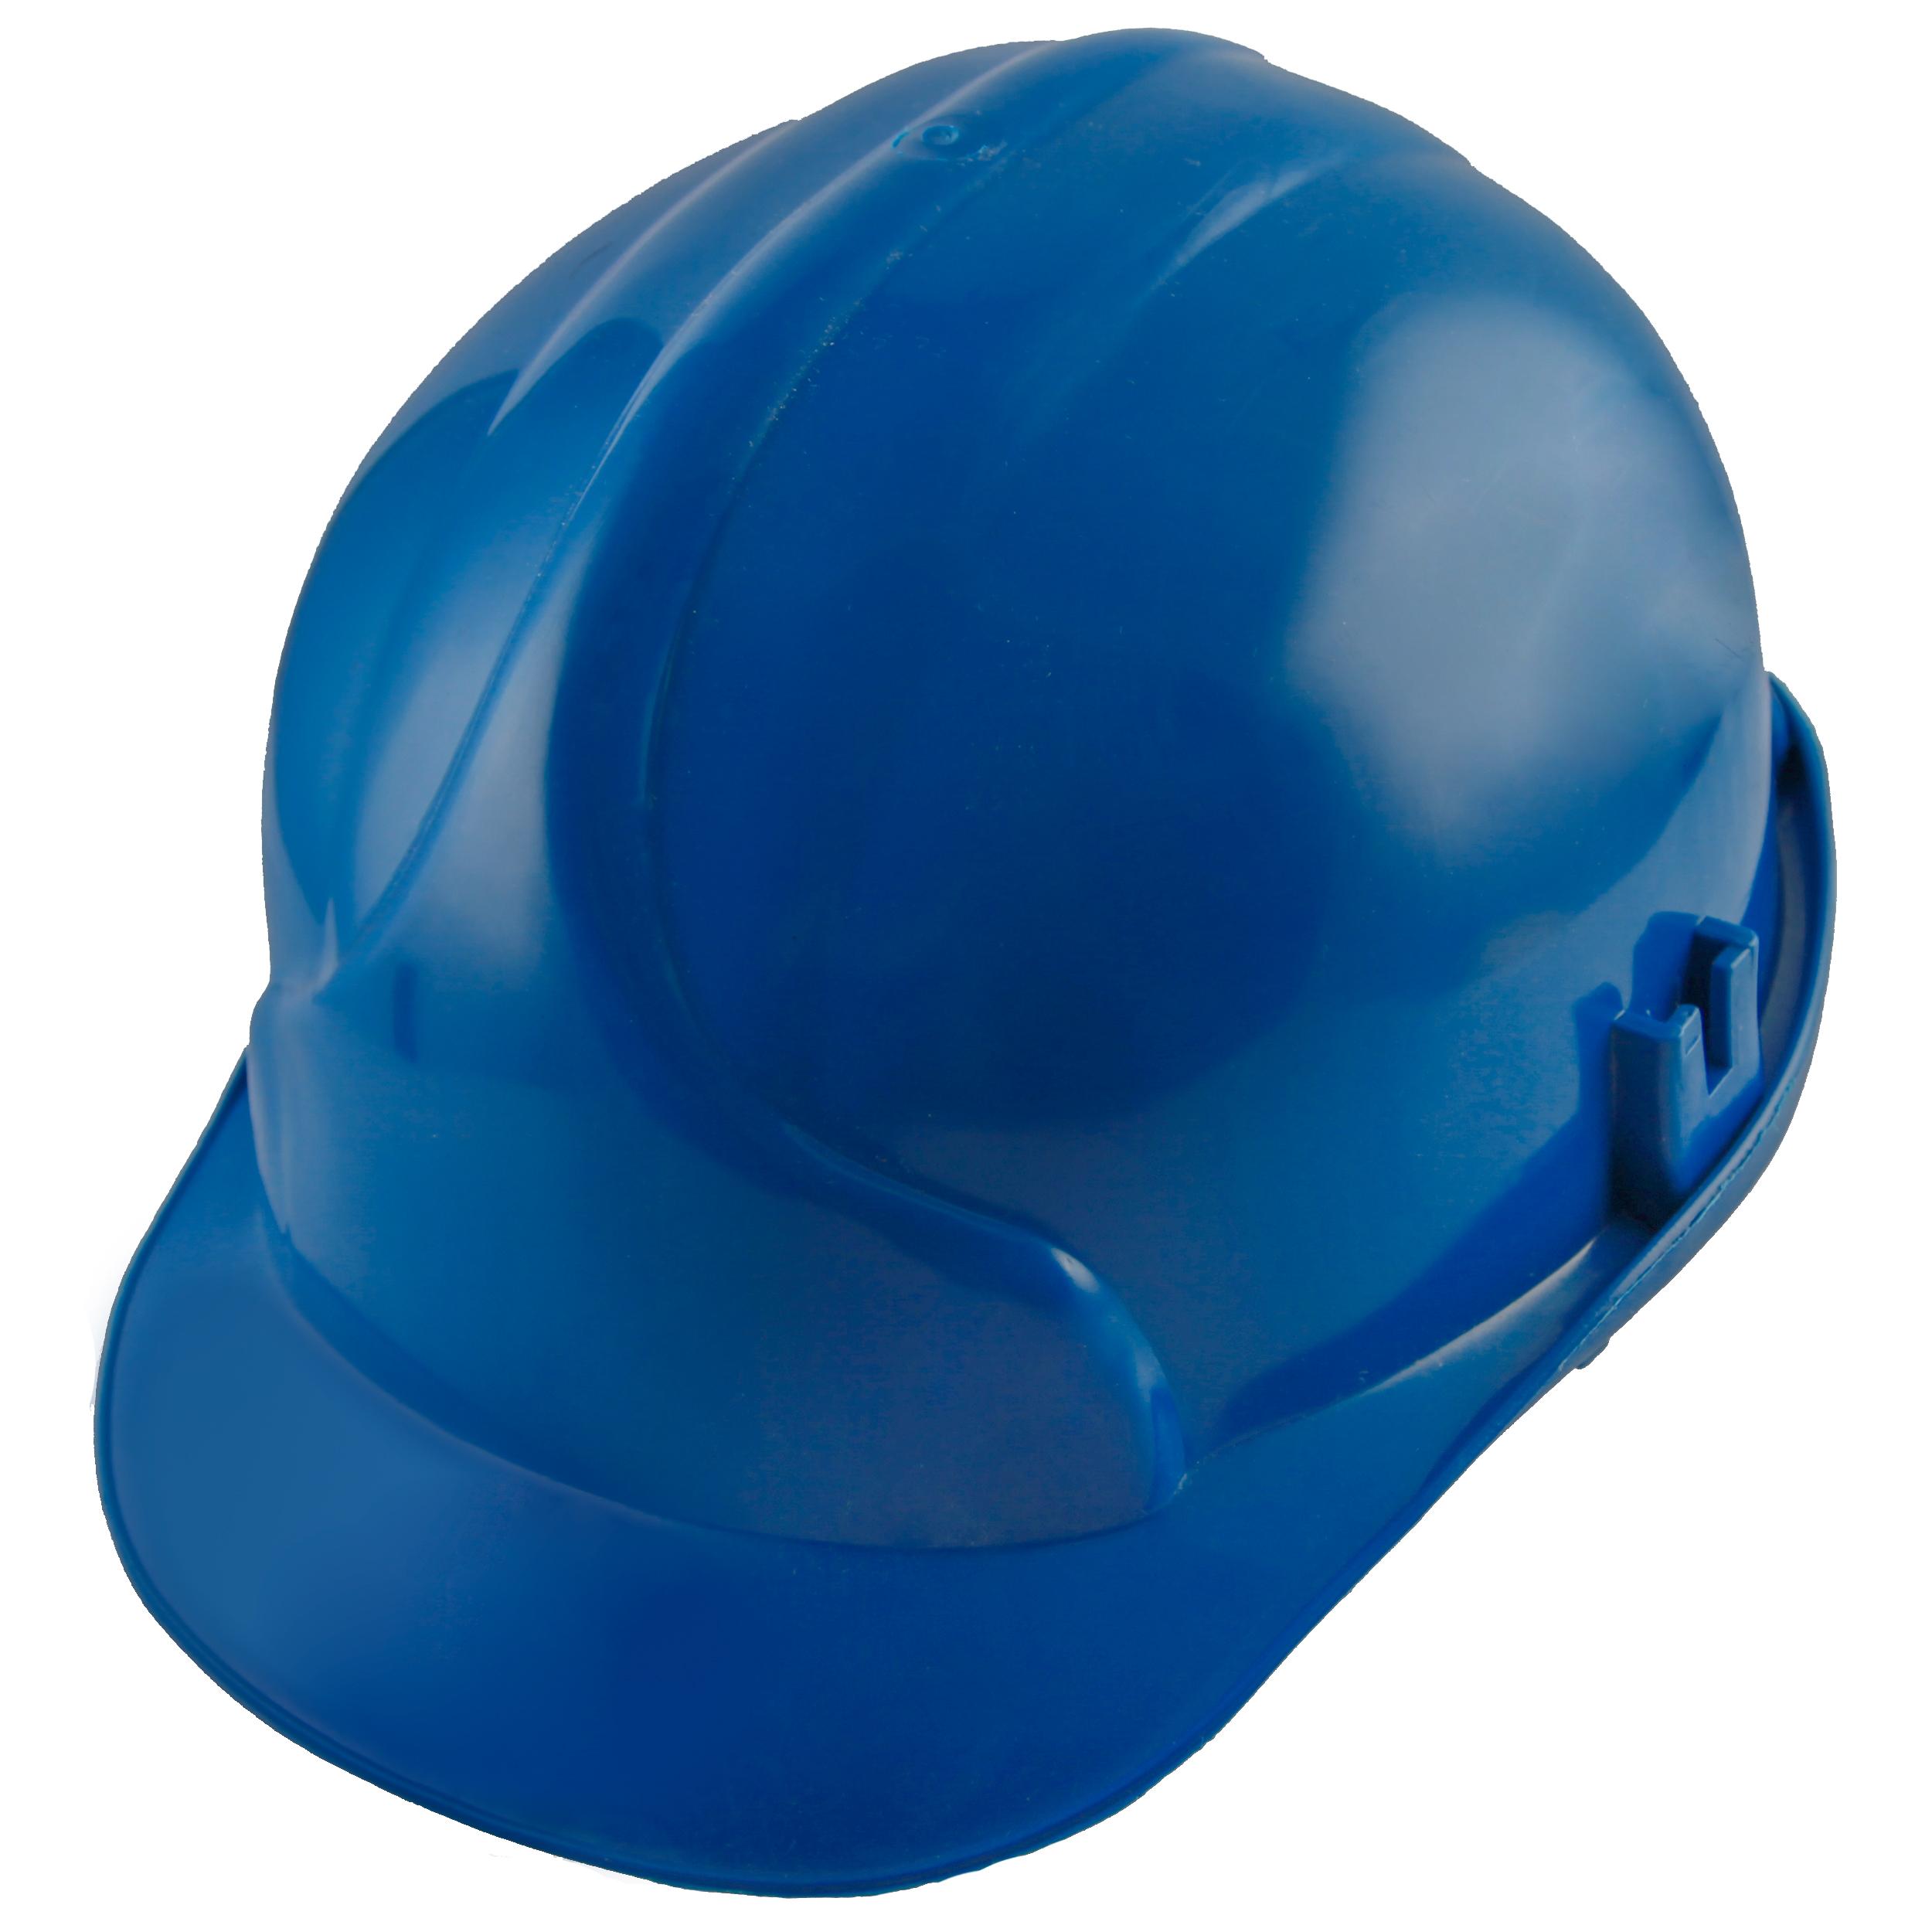 کلاه ایمنی مدل SH-bl